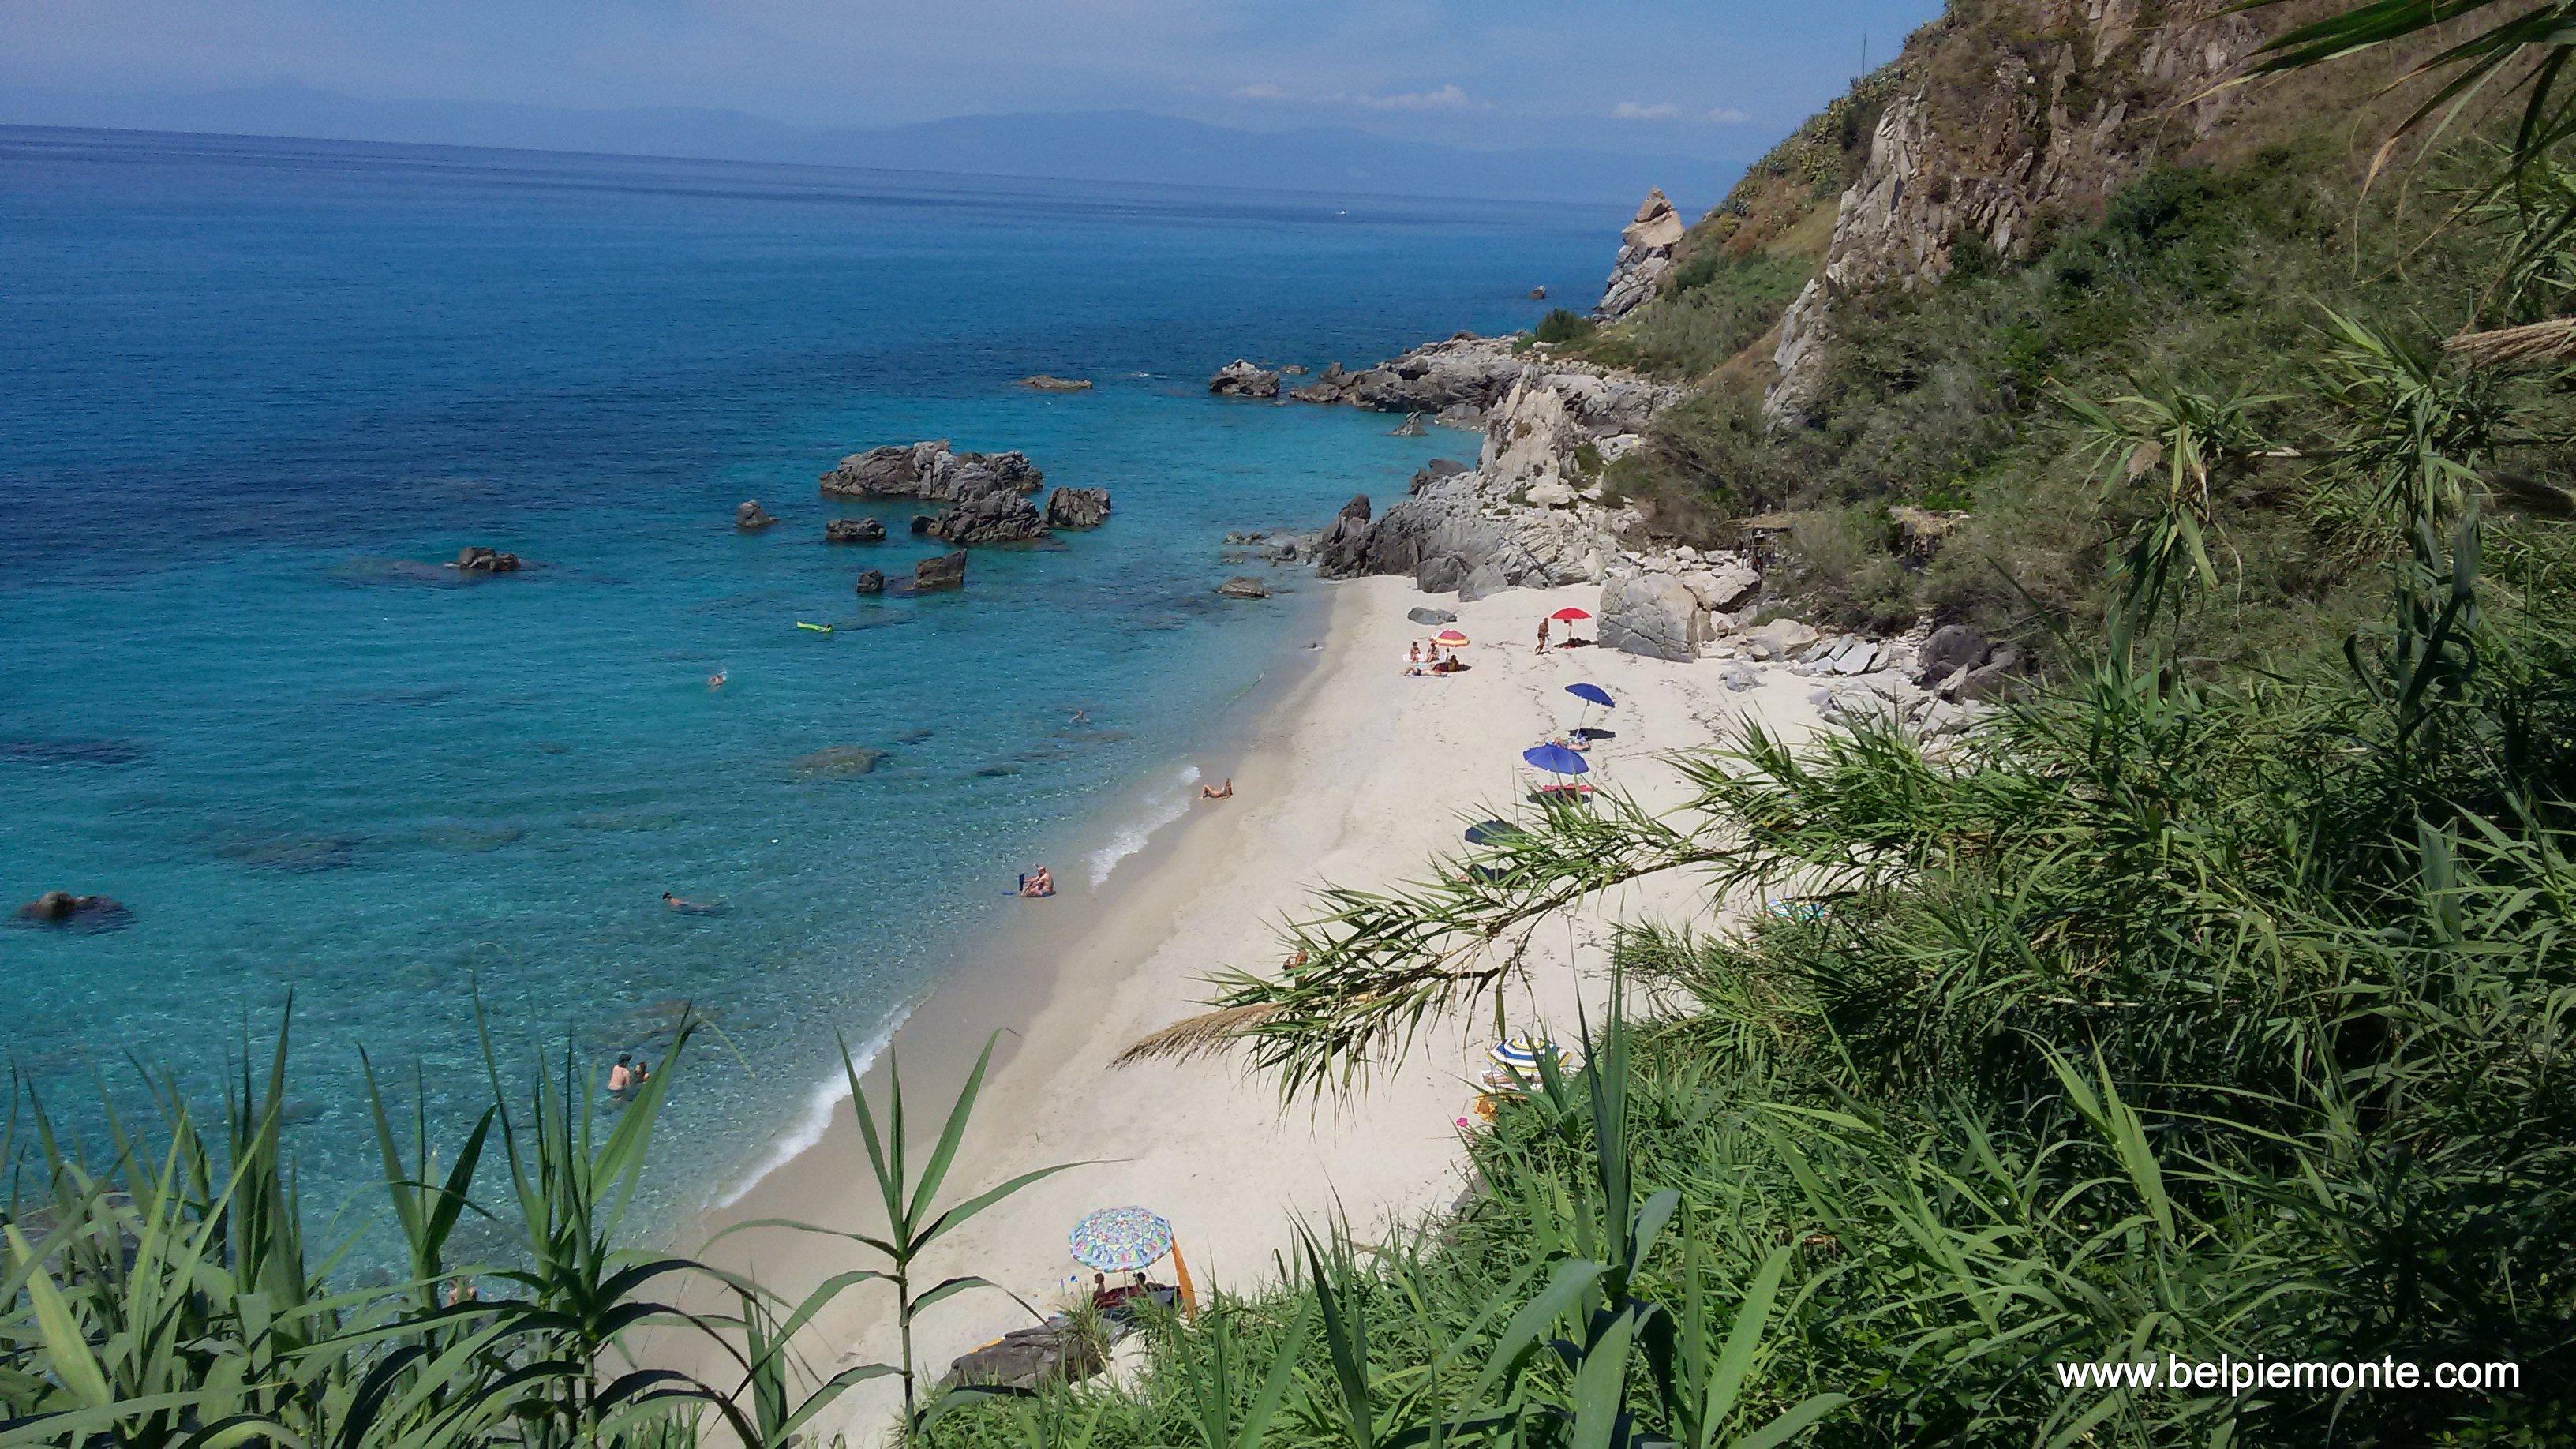 Dzika plaża we Włoszech, Kalabria, Włochy